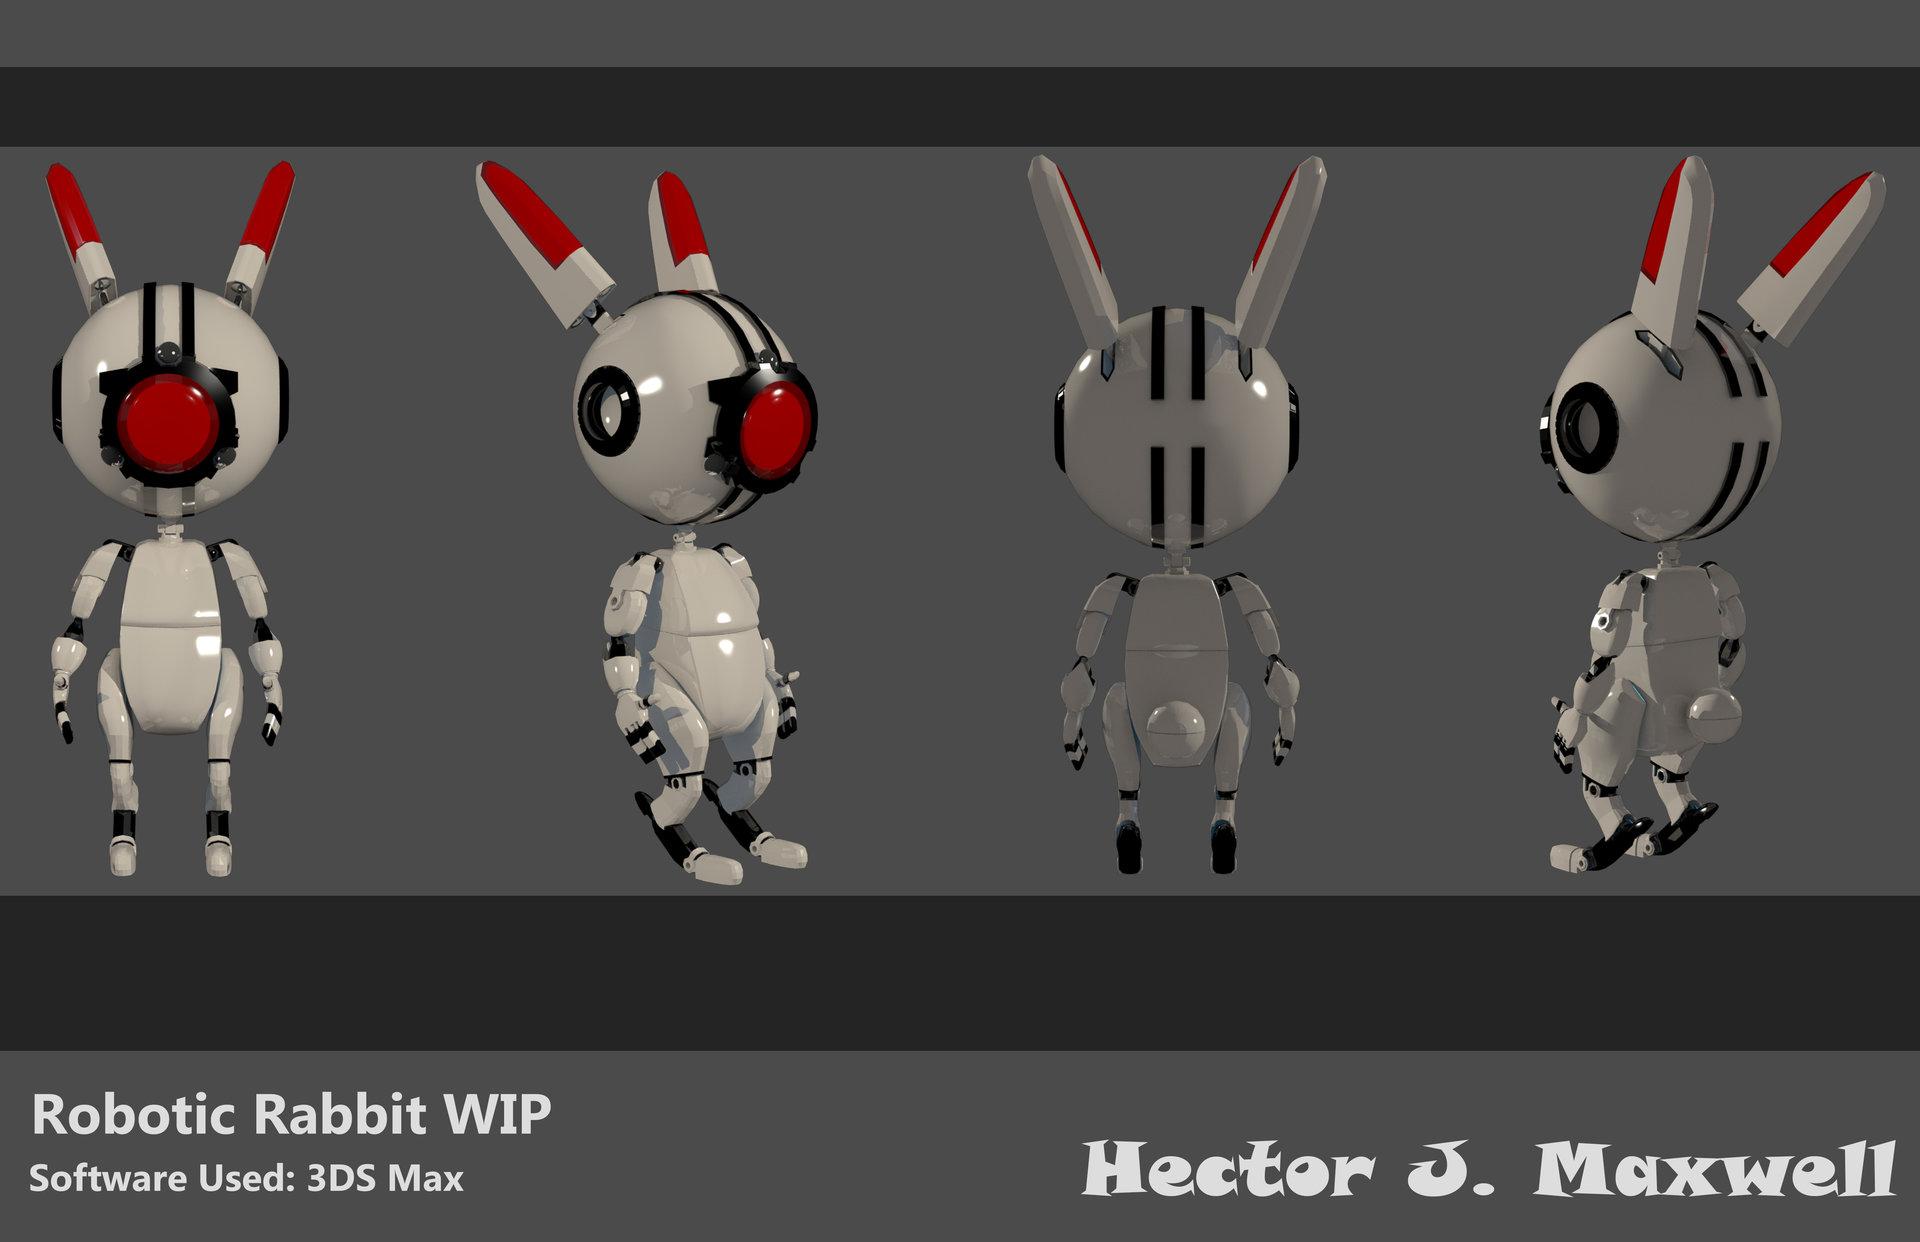 hector maxwell